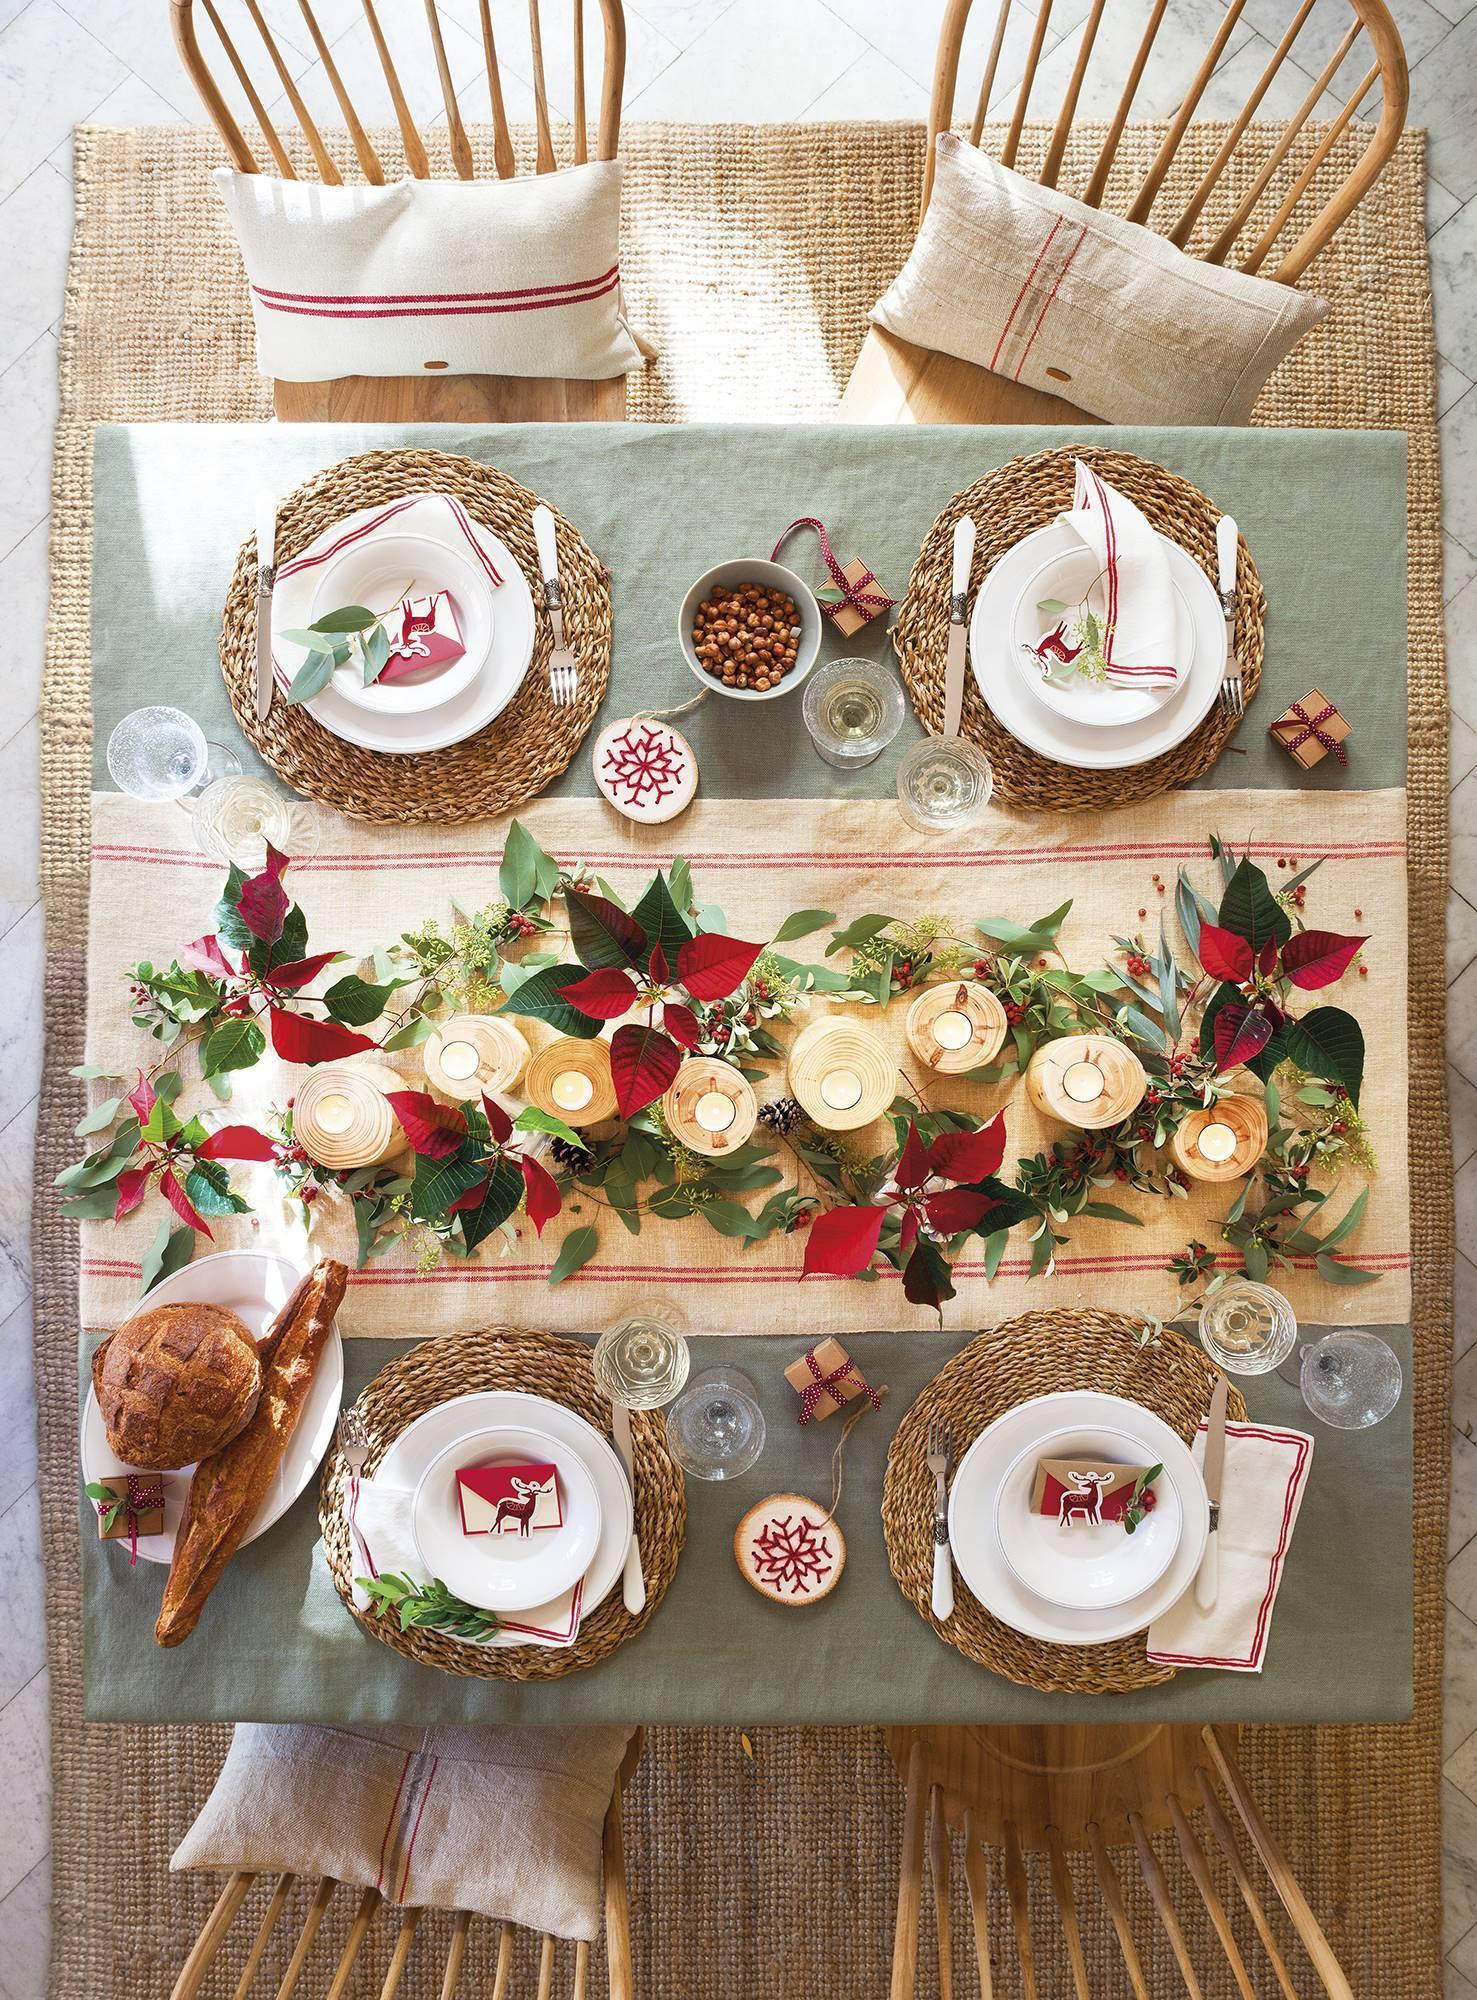 Căn nhà bừng sáng lung linh mùa Giáng sinh nhờ khéo mix đồ trang trí - Ảnh 9.